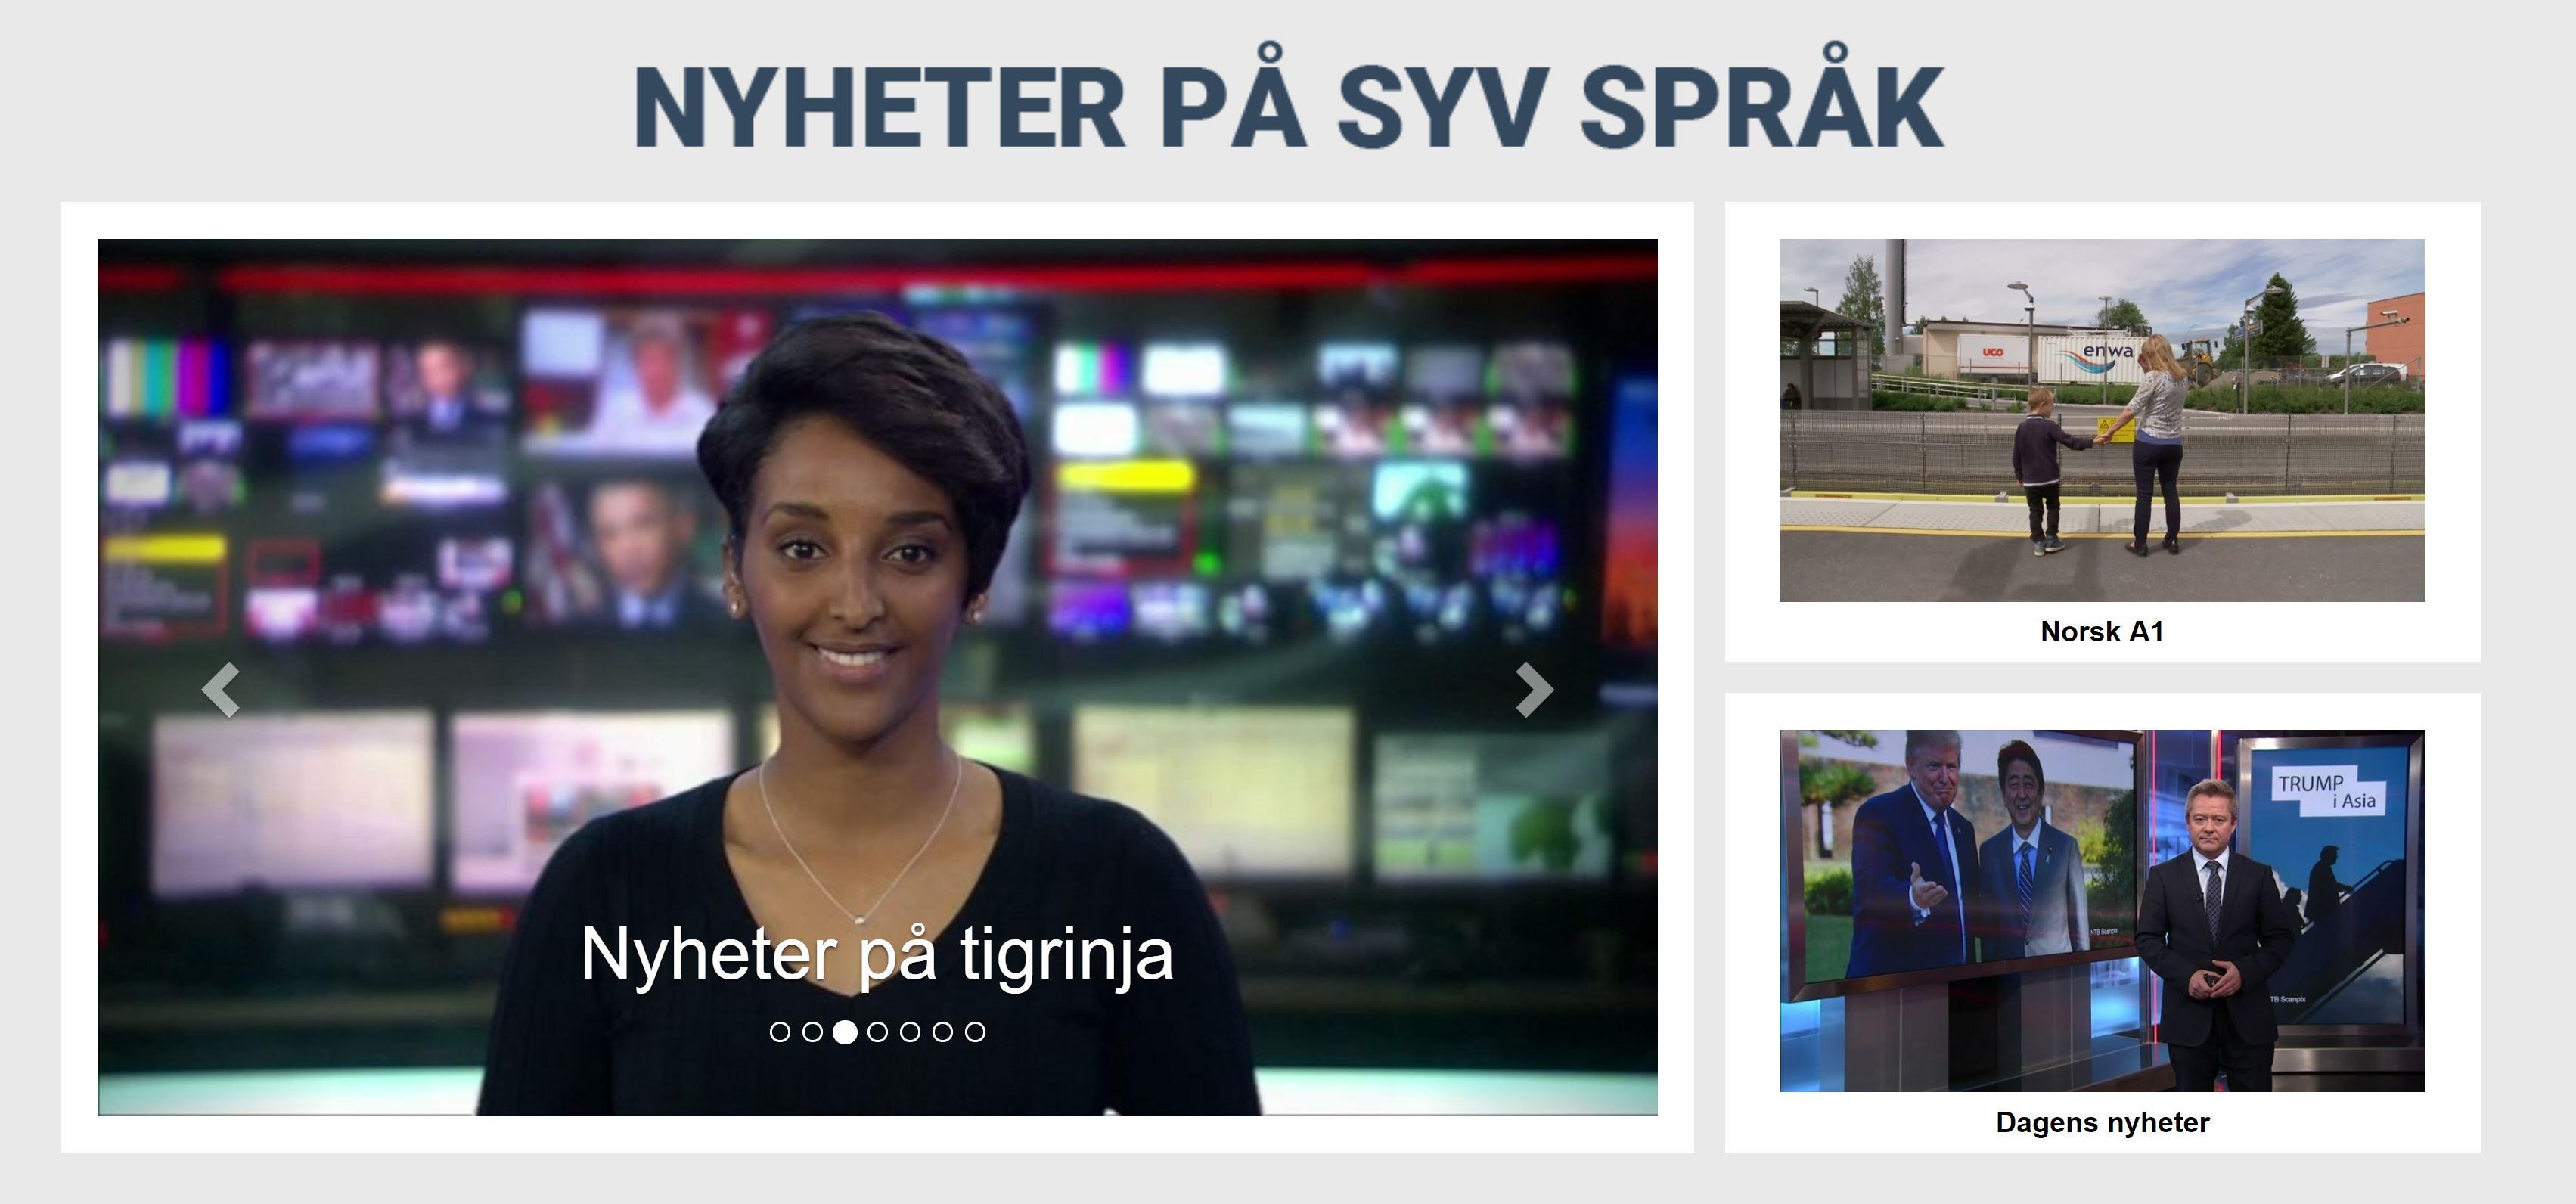 Bilde av nettsiden som tilbyr nyheter på syv språk, gratis norskopplæring.